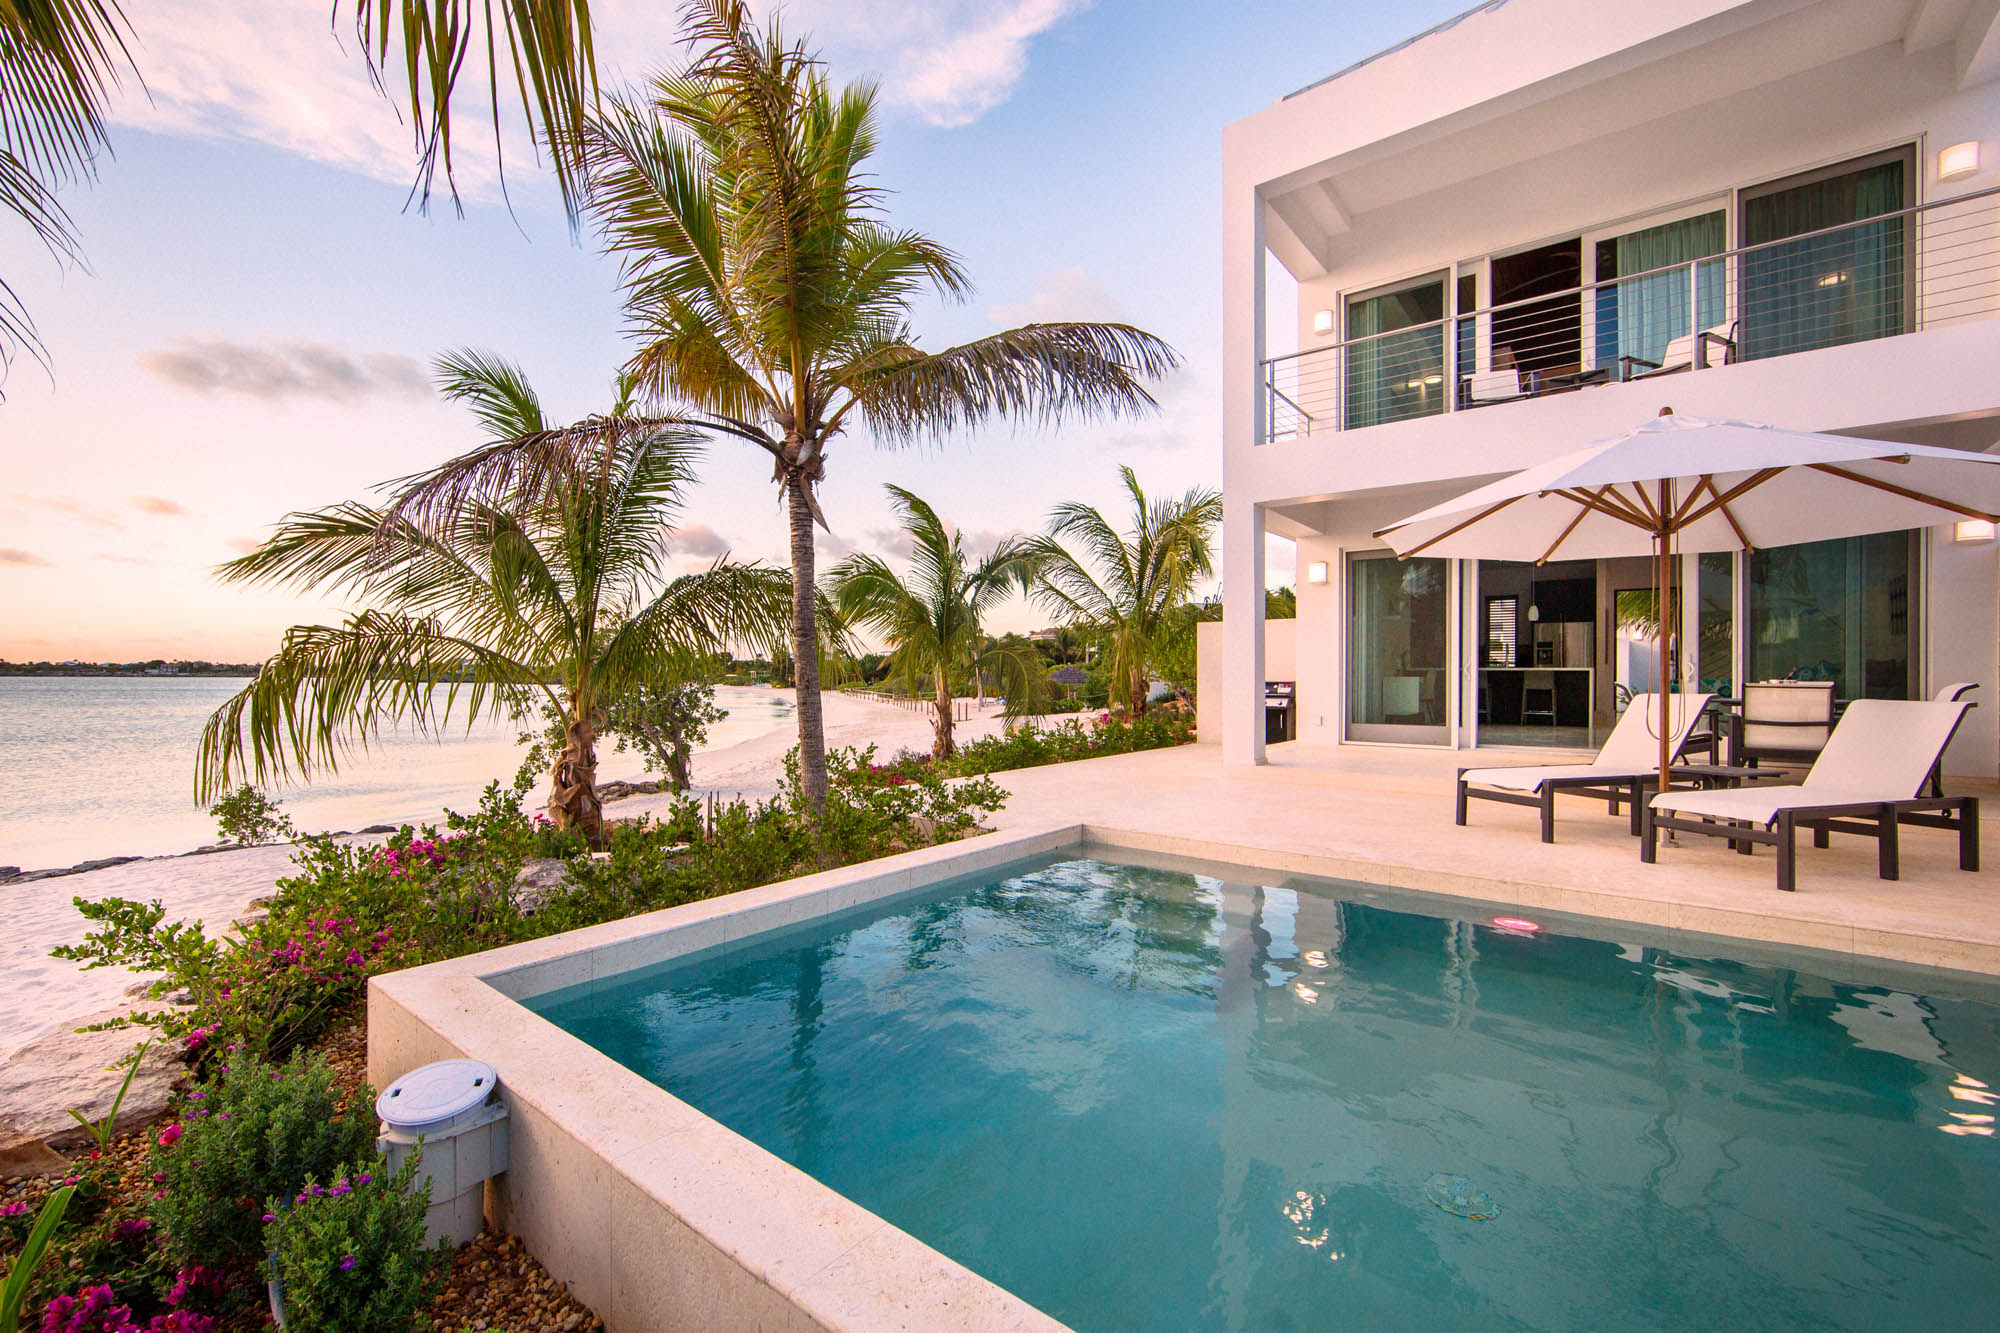 villa positano, sapodilla bay beach, providenciales (provo